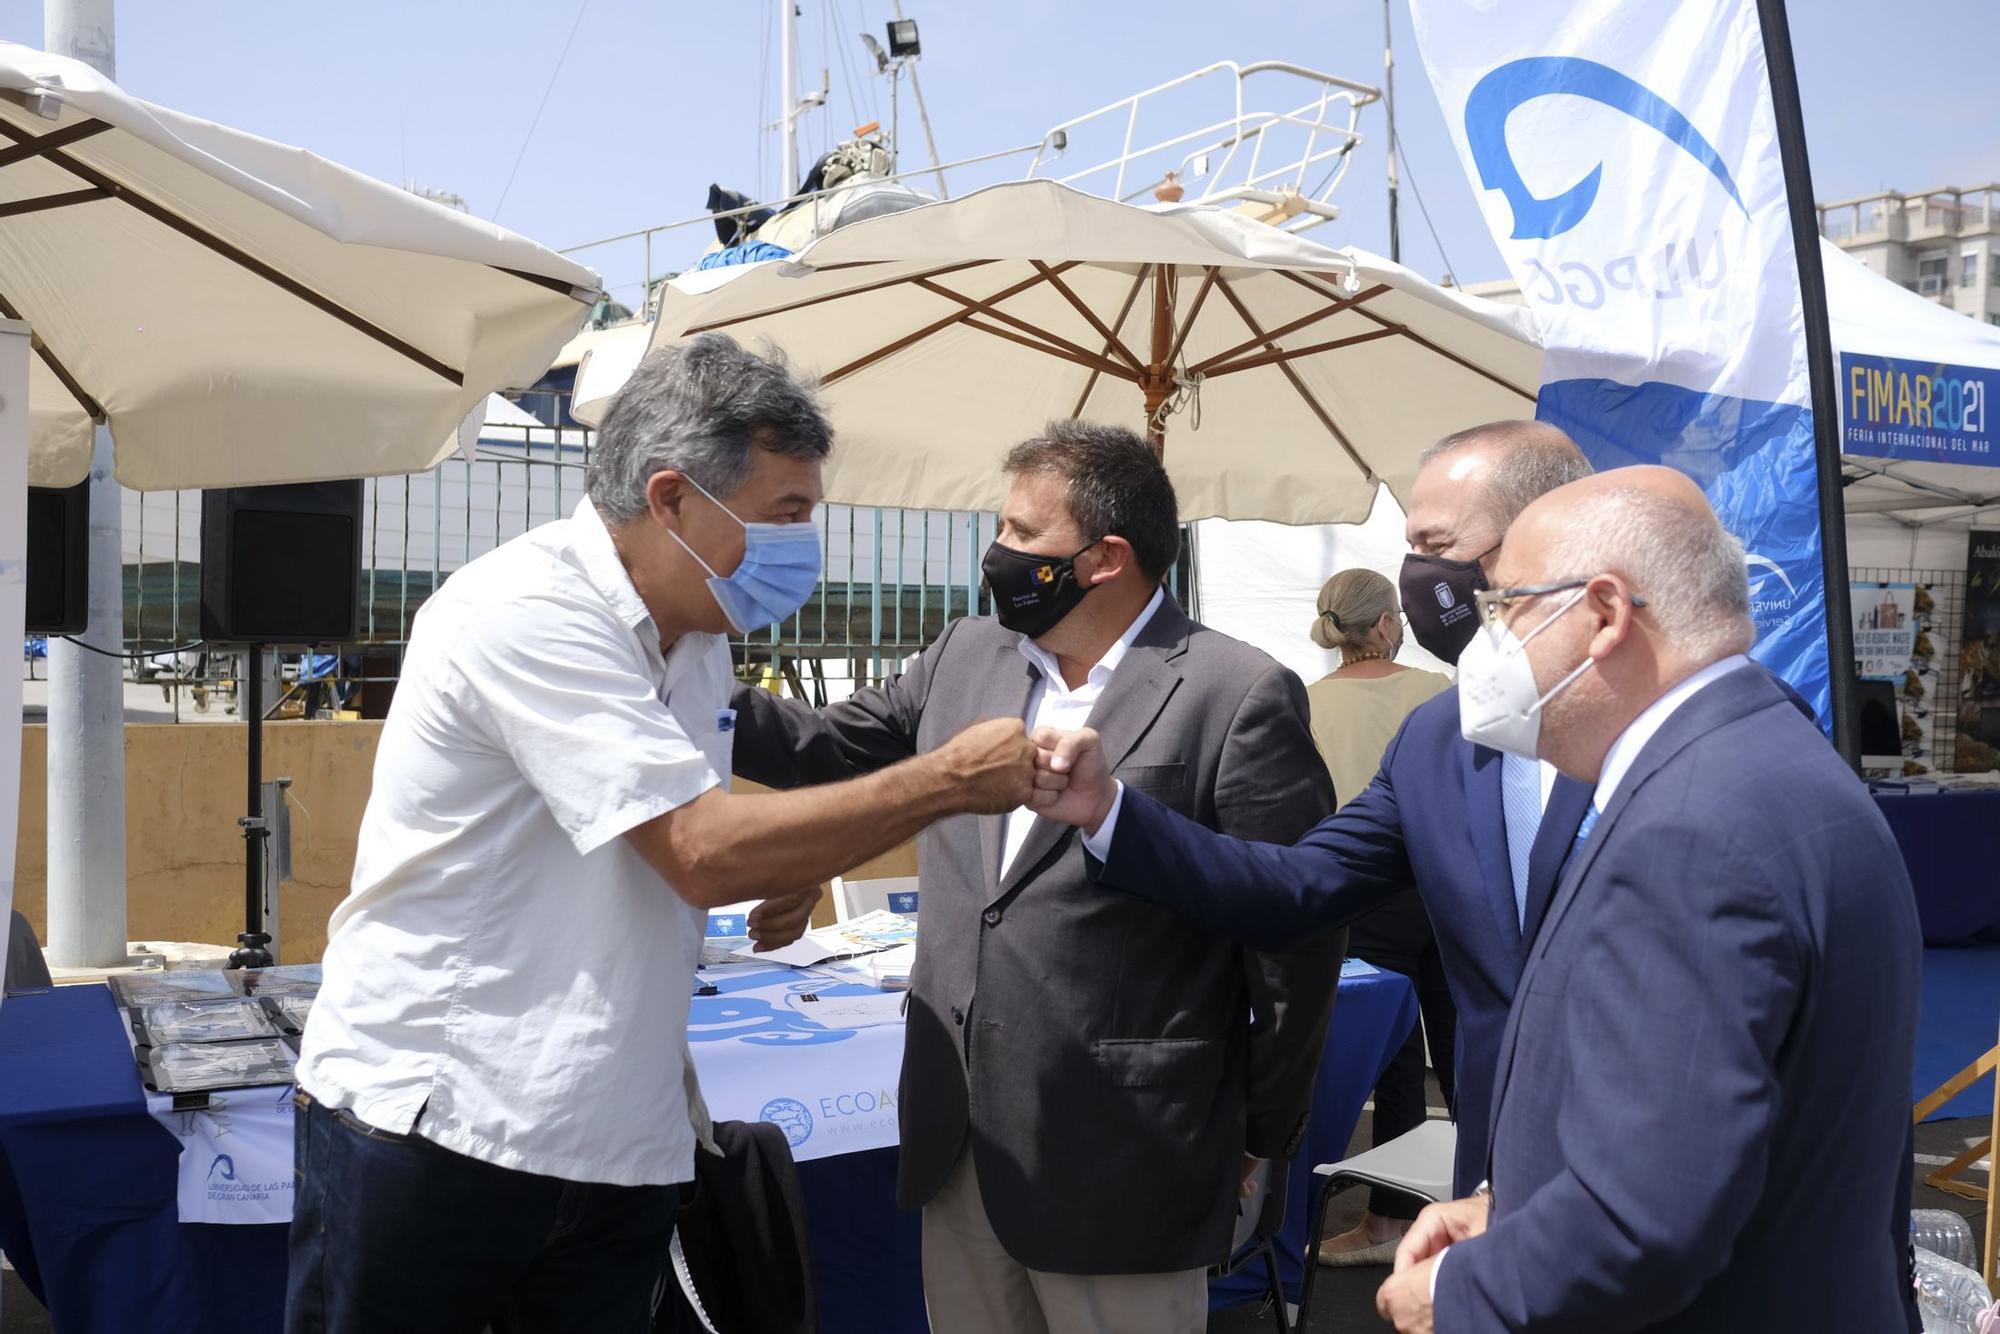 nauguración de la Feria Internacional del Mar, Fimar 2021